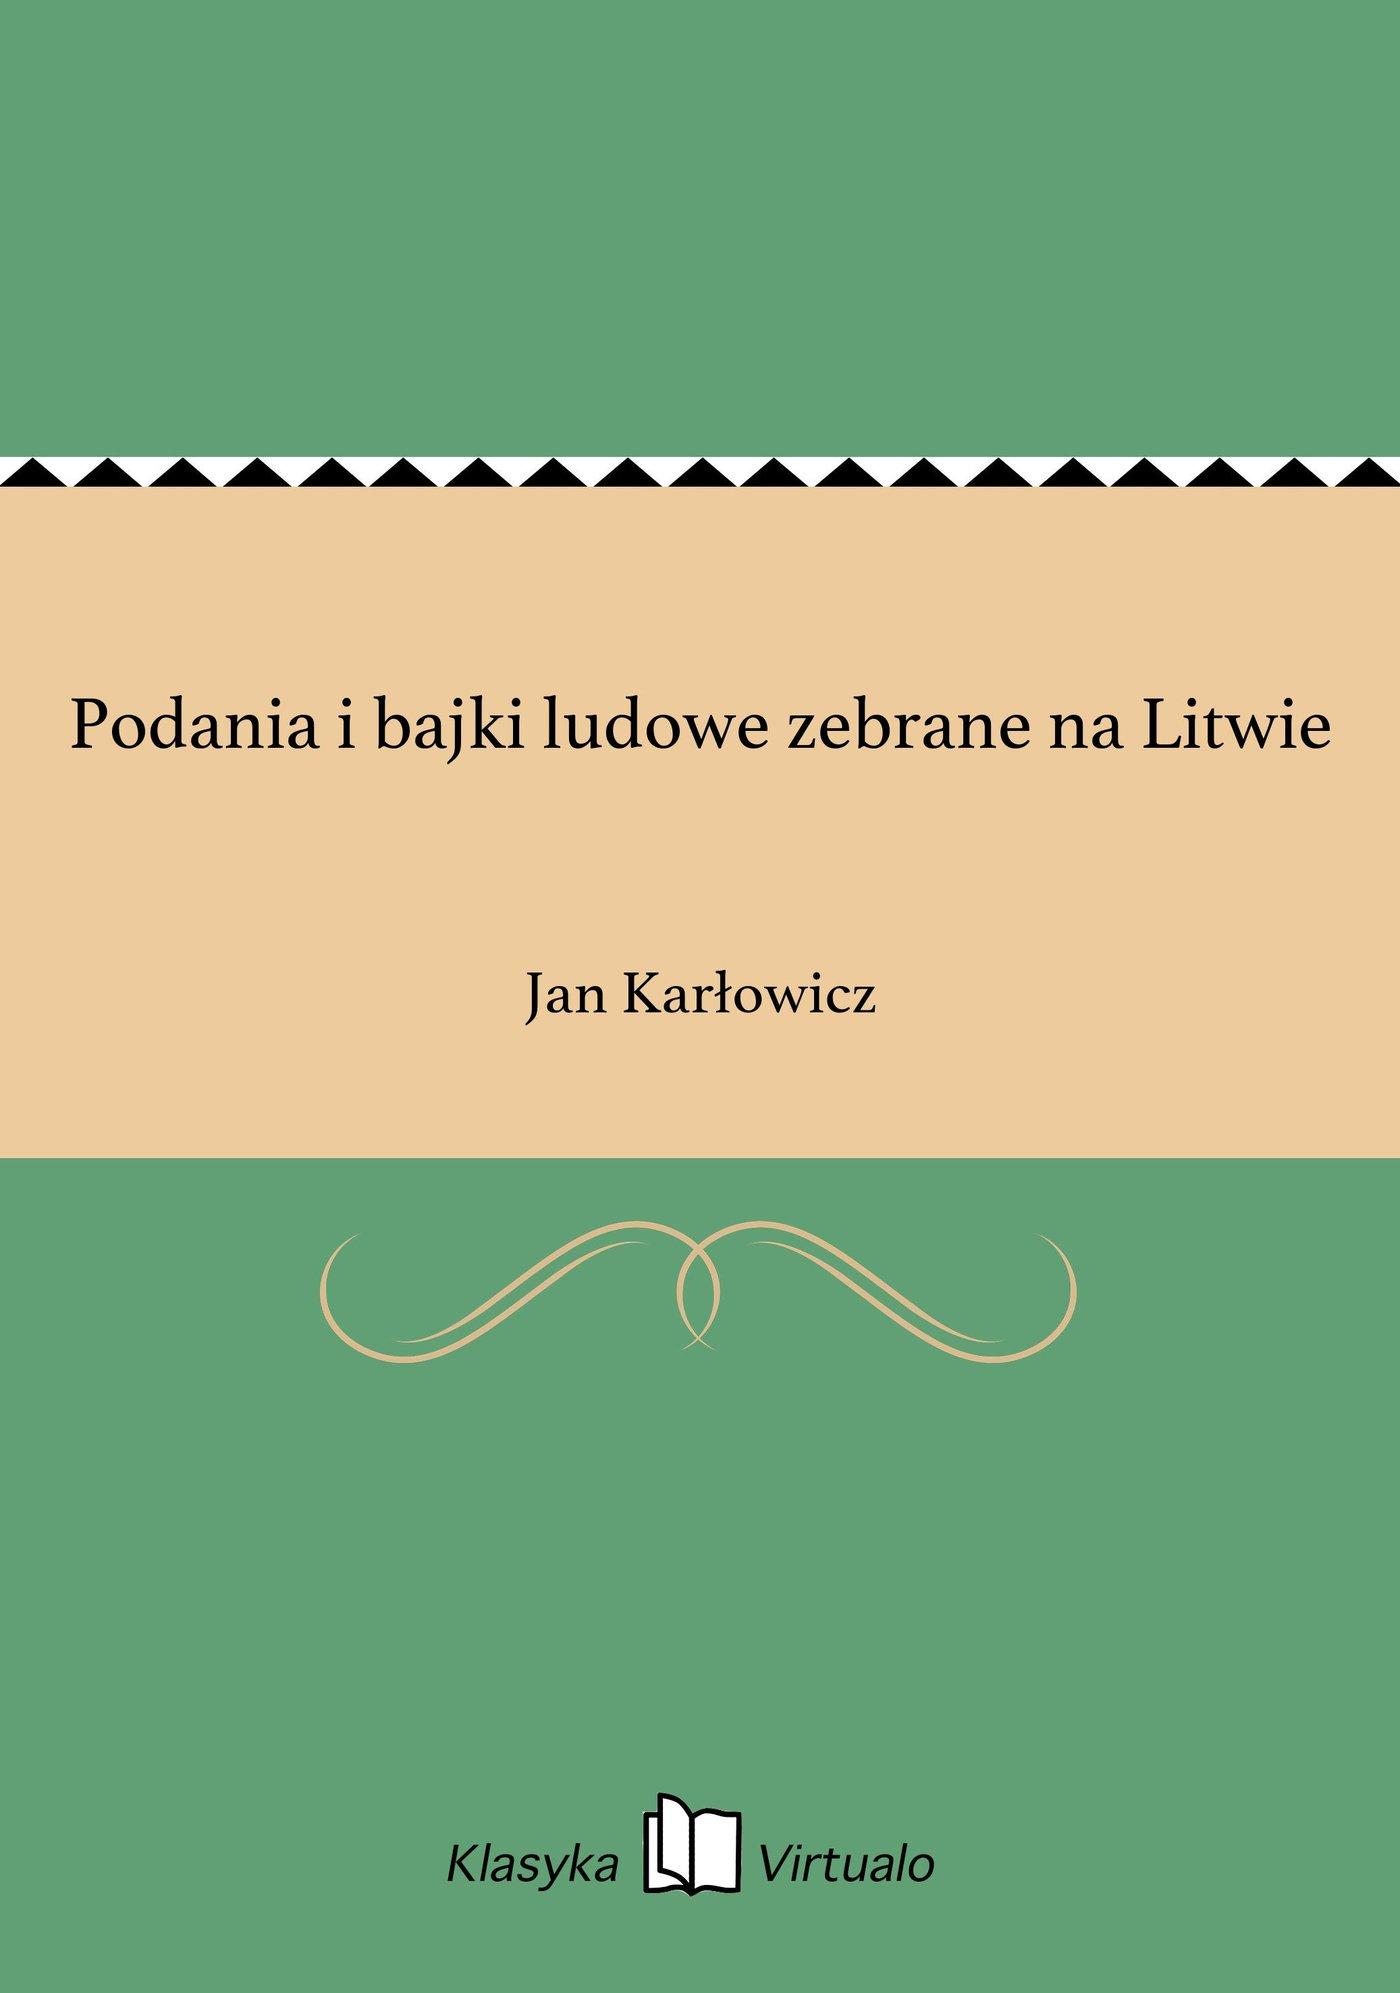 Podania i bajki ludowe zebrane na Litwie - Ebook (Książka na Kindle) do pobrania w formacie MOBI